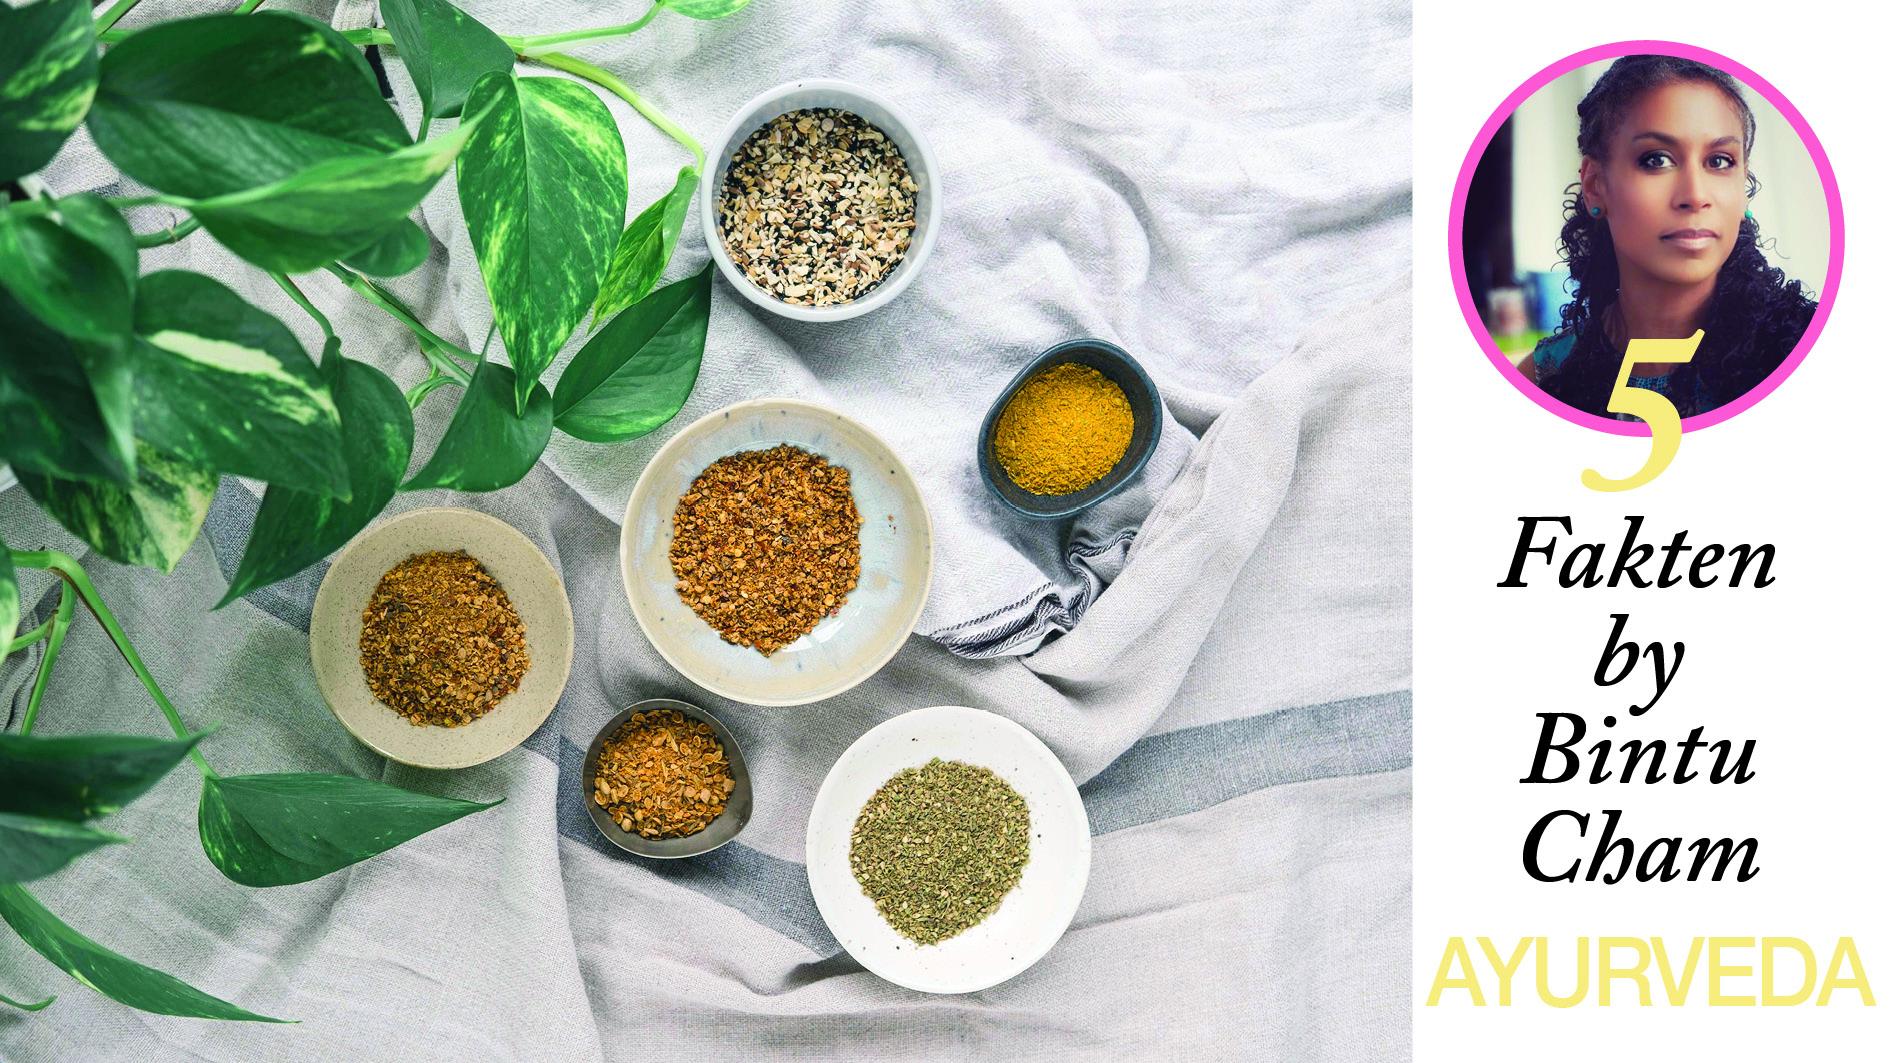 Ayurveda –5 Fakten by Bintu Cham